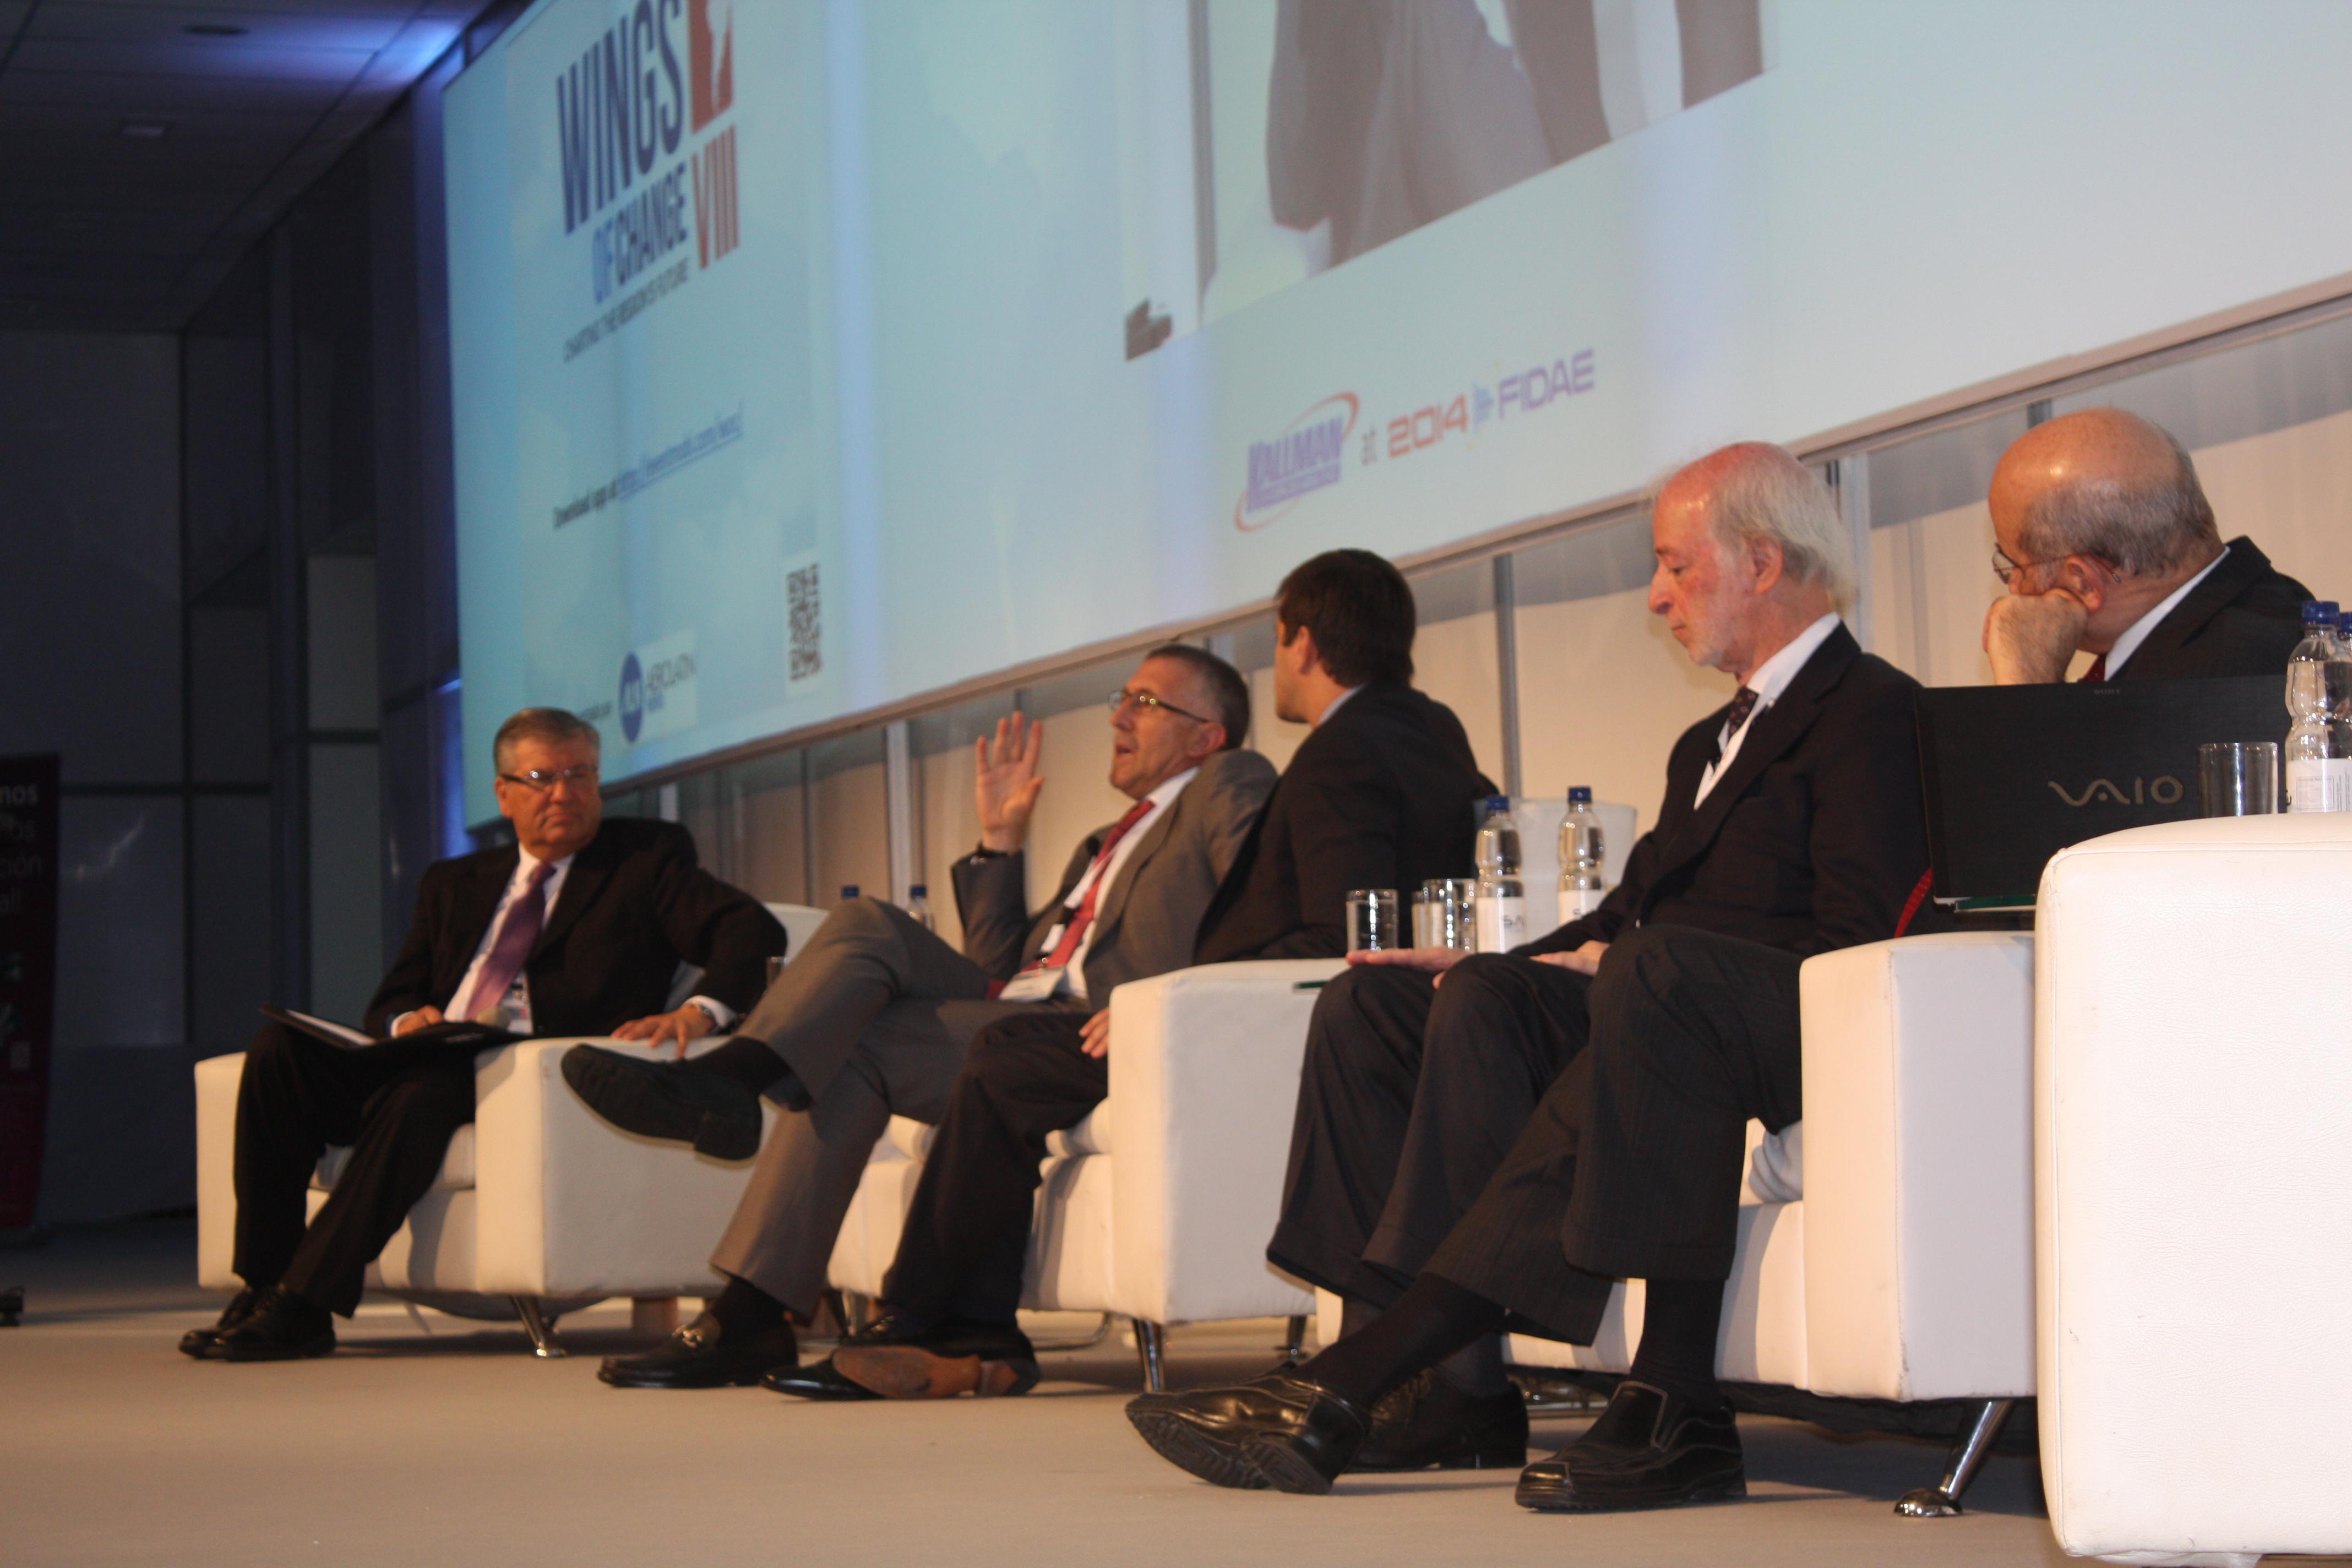 """Con importante reunión de CEO""""™s de aerolíneas terminó la VIII conferencia Wings of Chages en Fidae"""